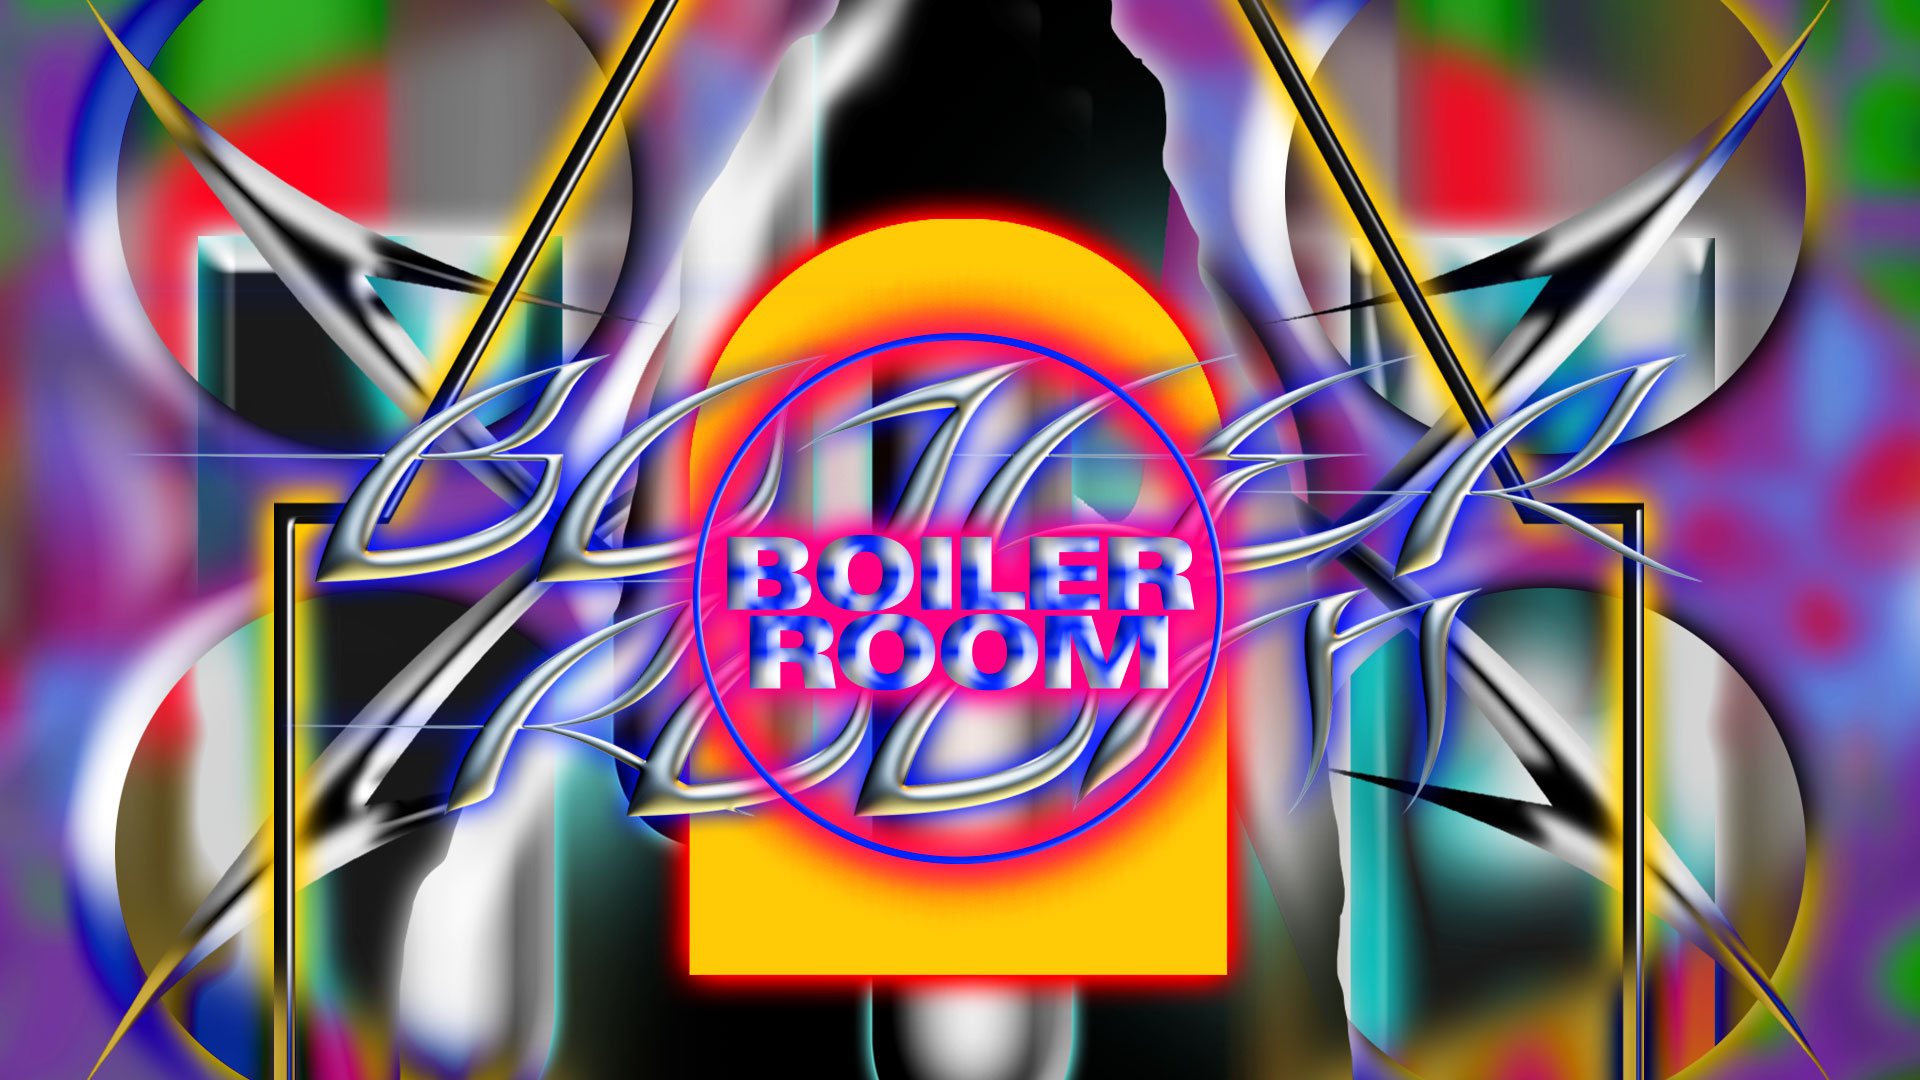 Jonathan Castro identity for Boiler Room